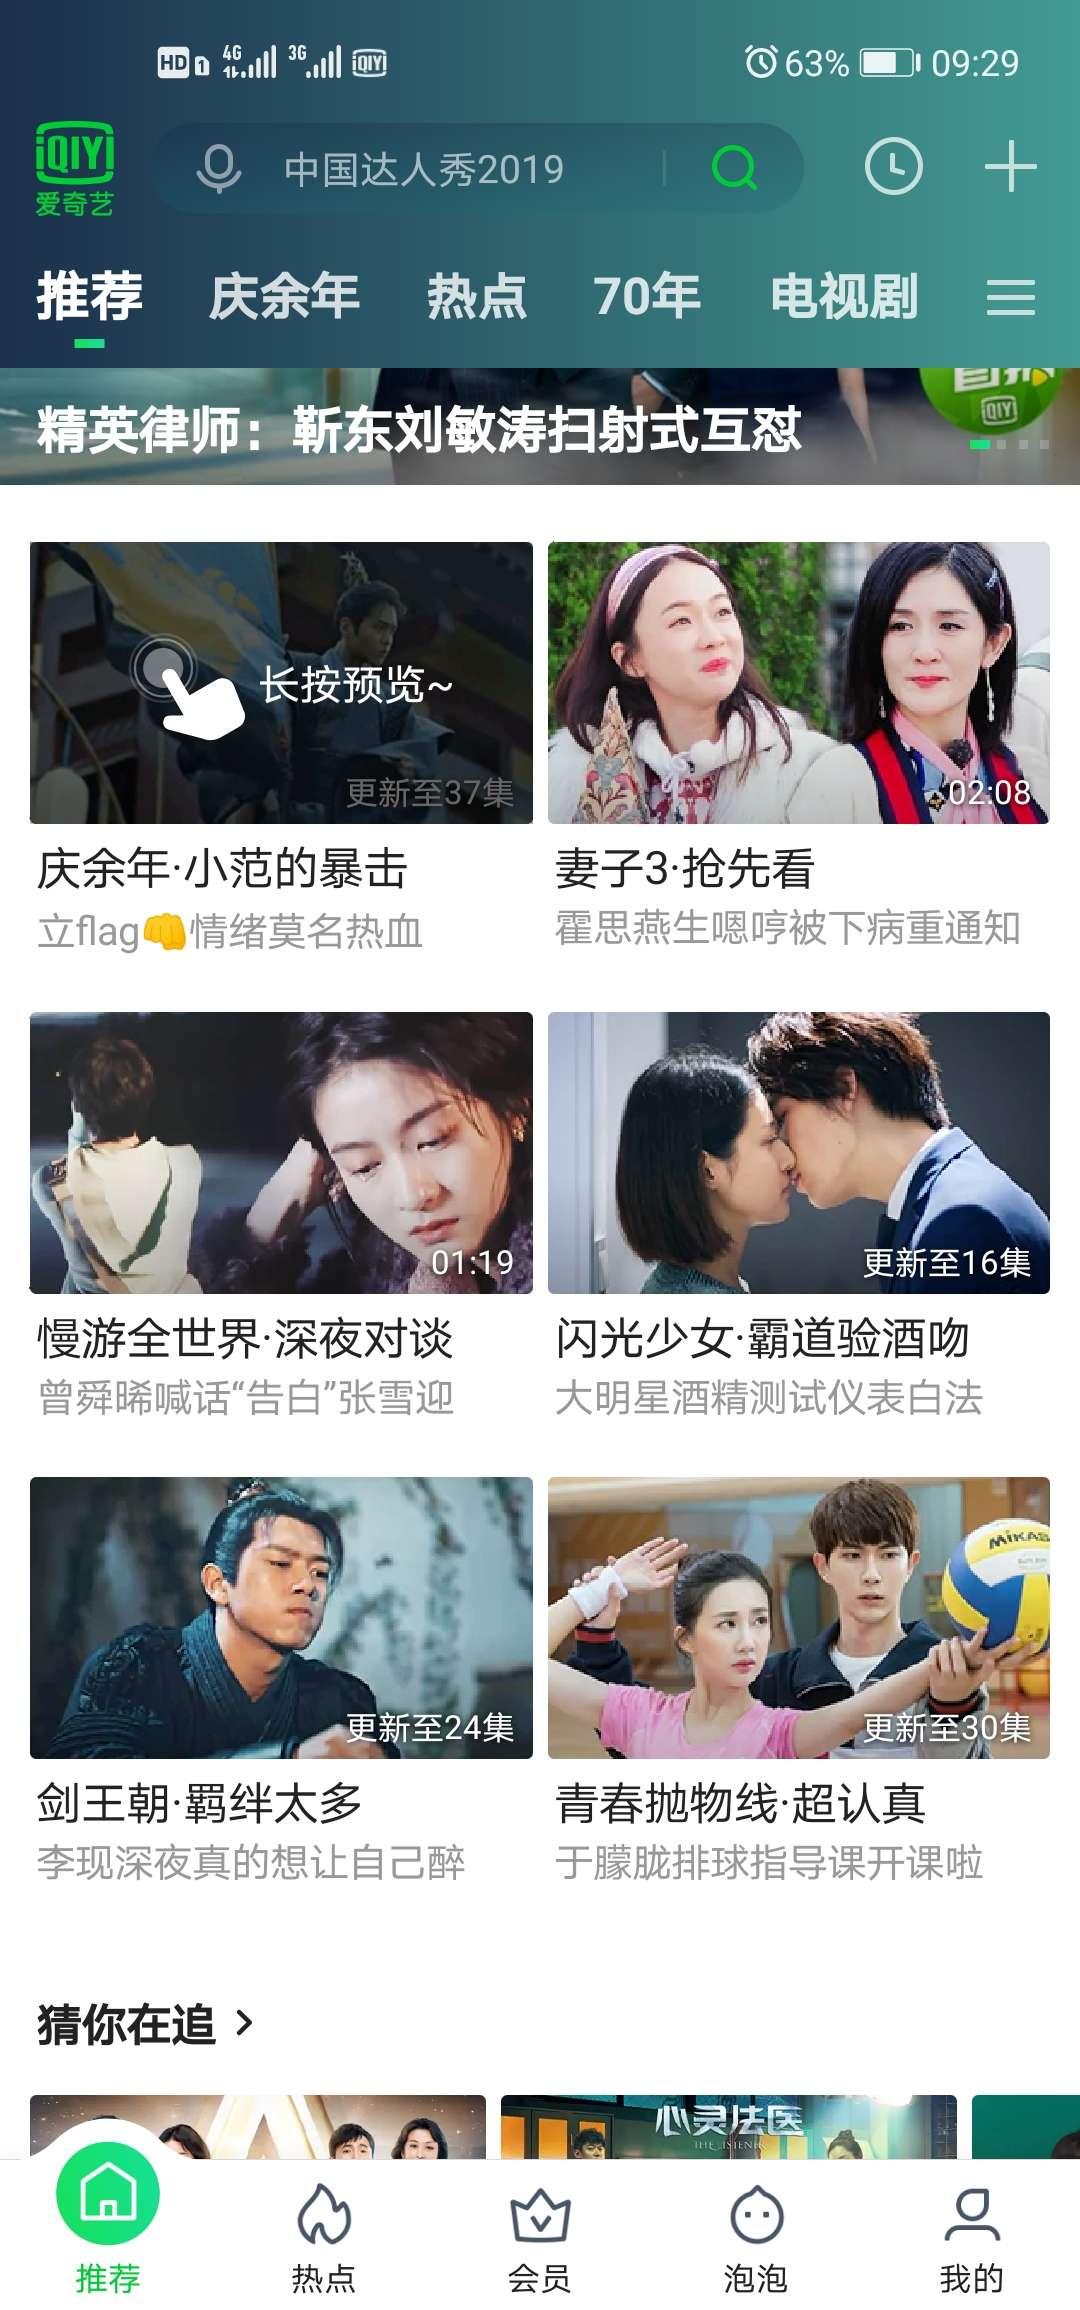 【分享】爱奇艺v10.1.0去广告版